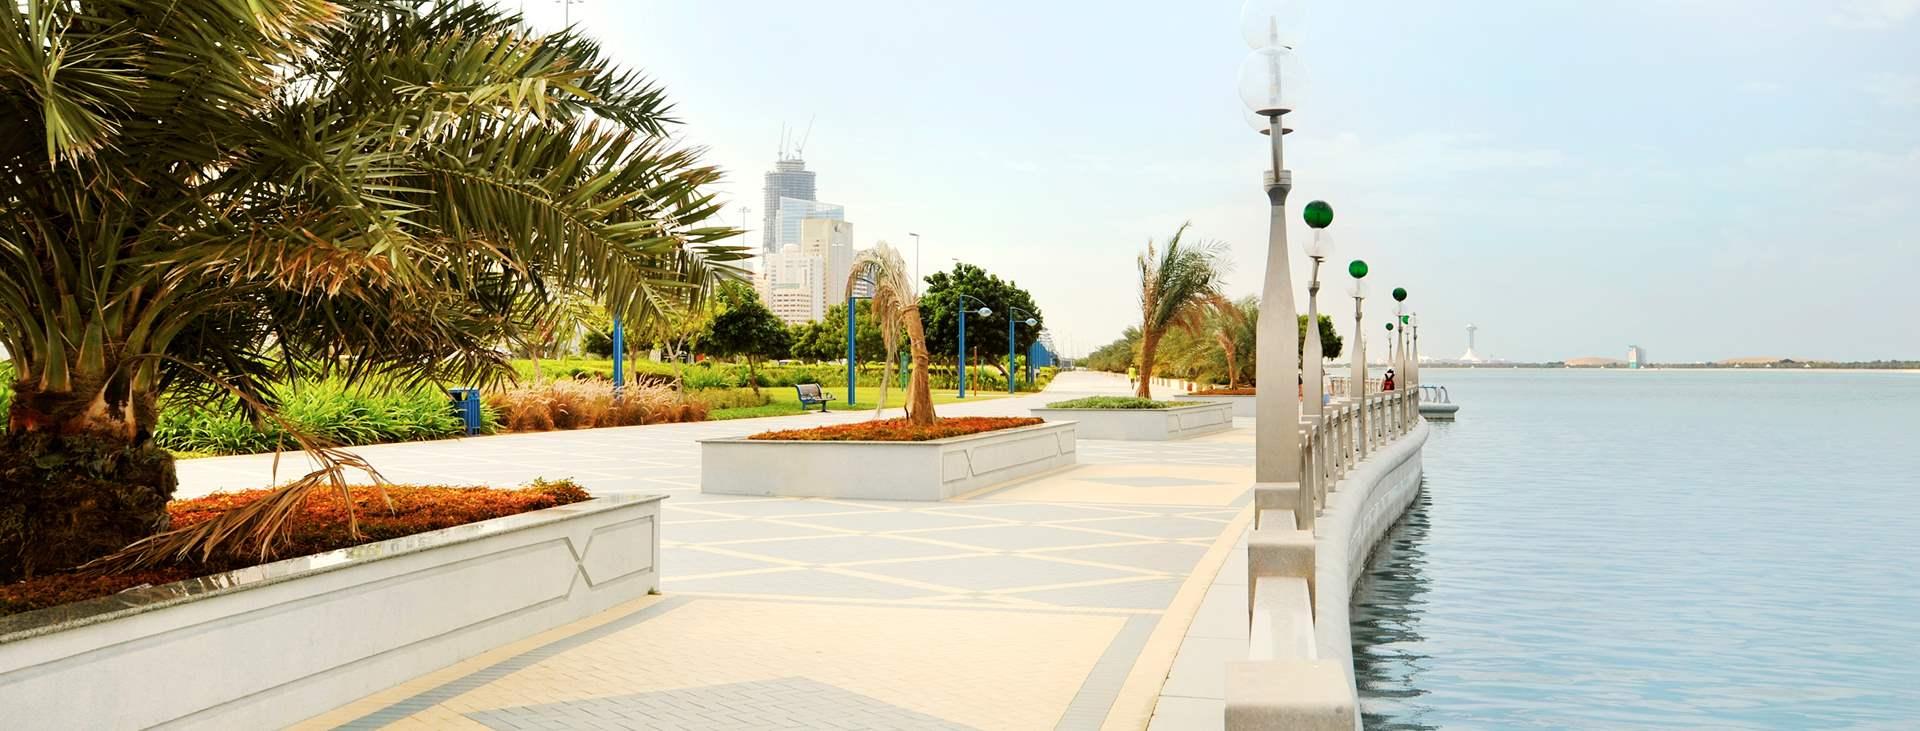 Bestill en reise til Abu Dhabi med Ving